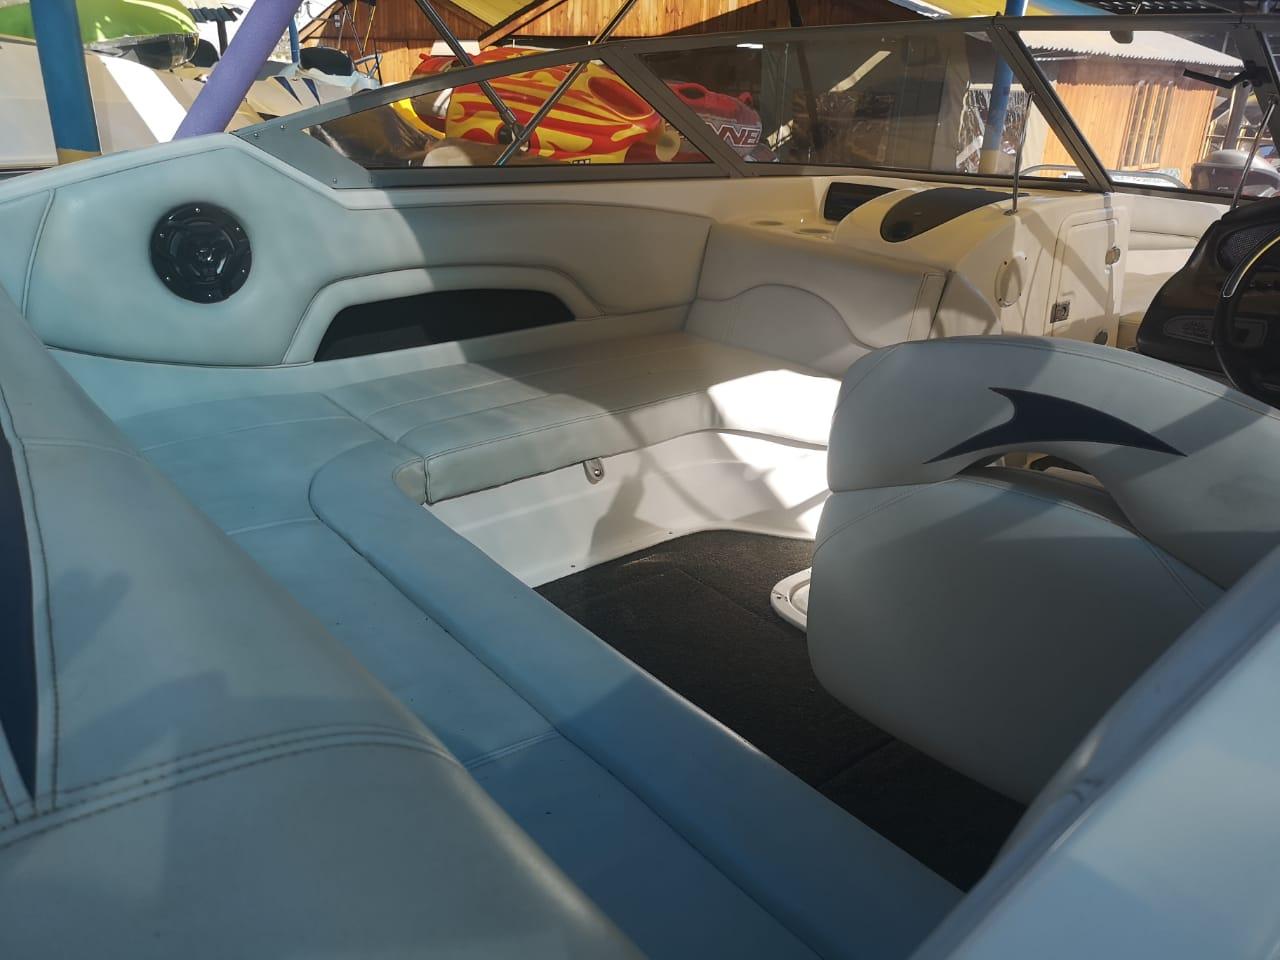 Panache 1950LX, 200Hp Evinrude E-Tec